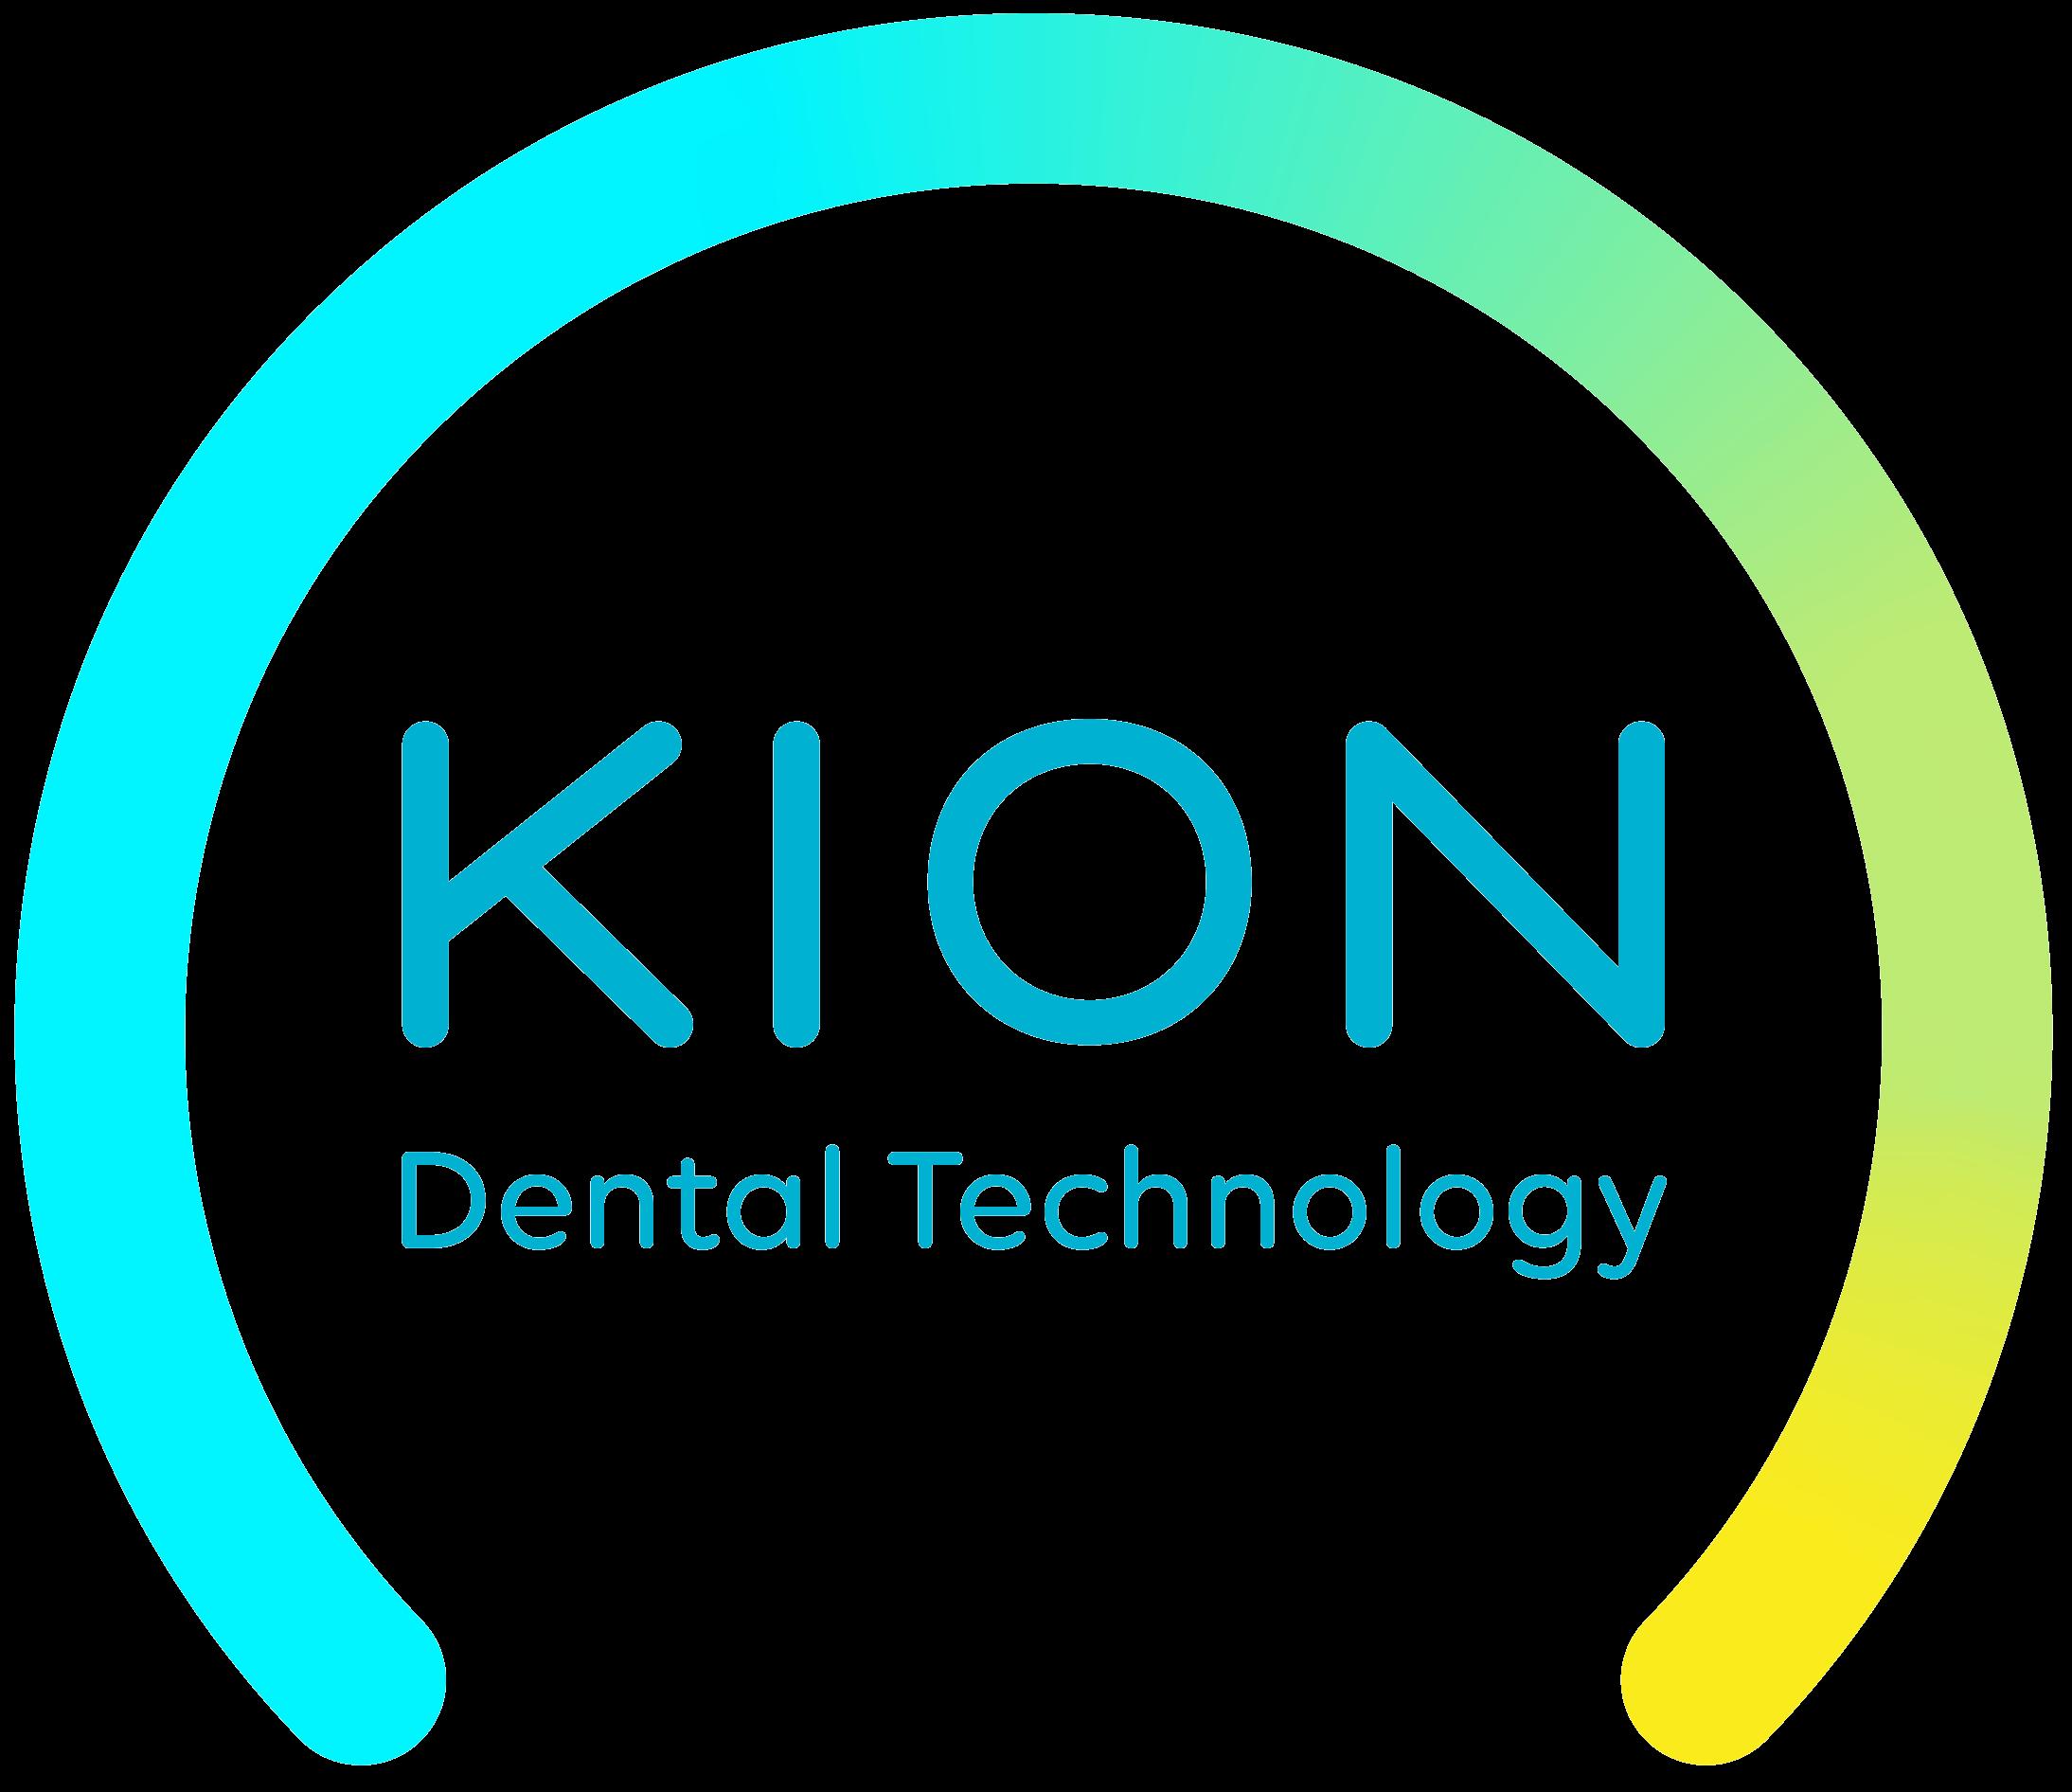 Kion Dental